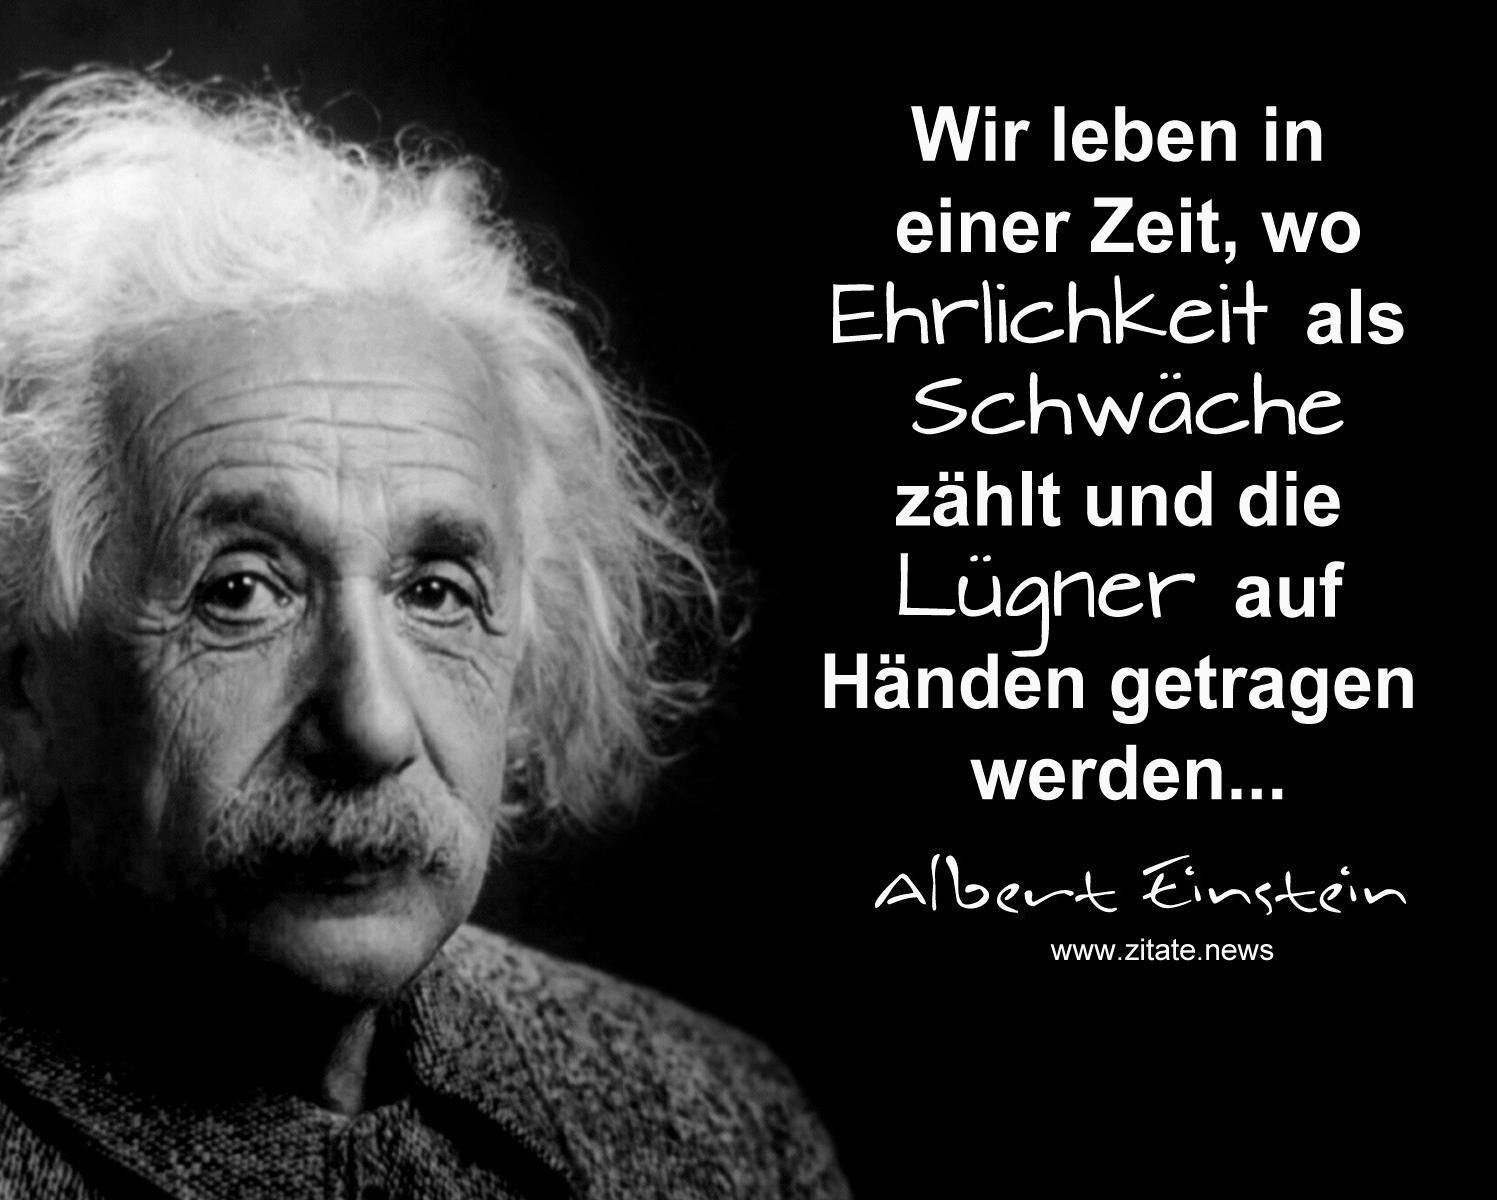 einstein sprüche Albert Einstein Zitate News   zitate.news einstein sprüche